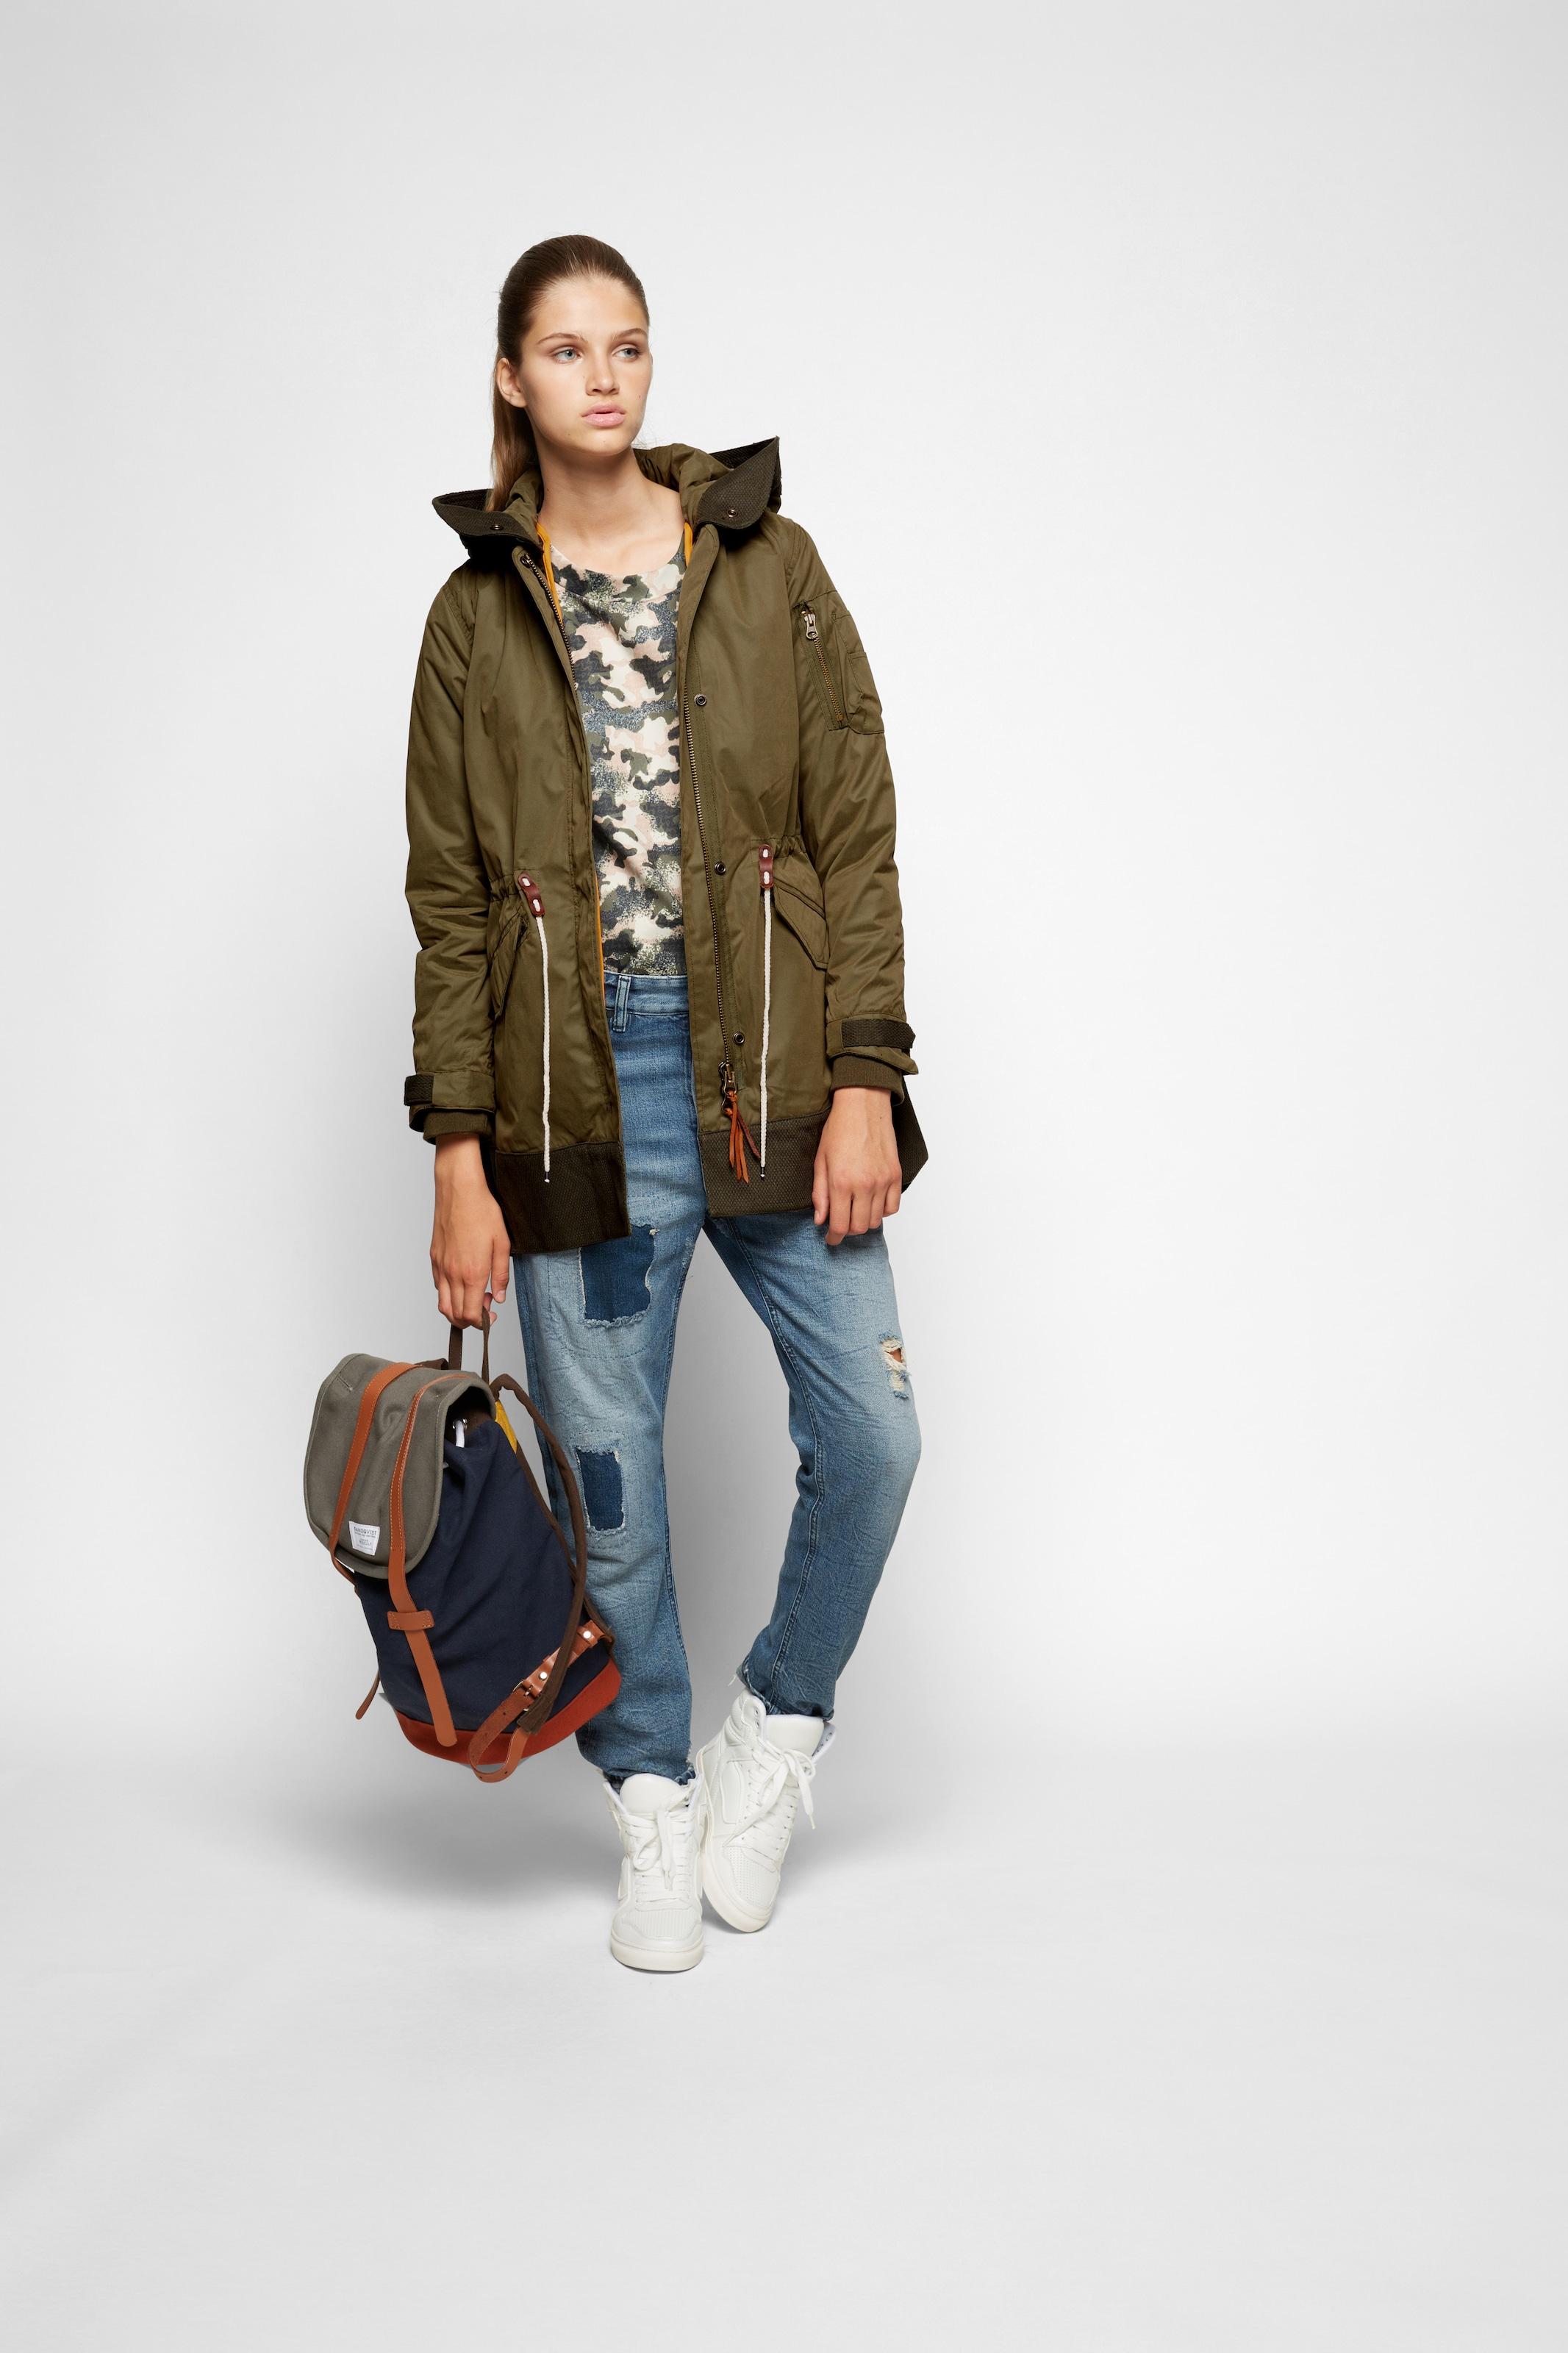 SANDQVIST Unisex-Rucksack mit Lederdetails 'Stig' Verkauf Sneakernews Online Einkaufen Niedrigster Preis Günstig Online Lieferung Frei Haus Mit Paypal TMKK4pd0y9